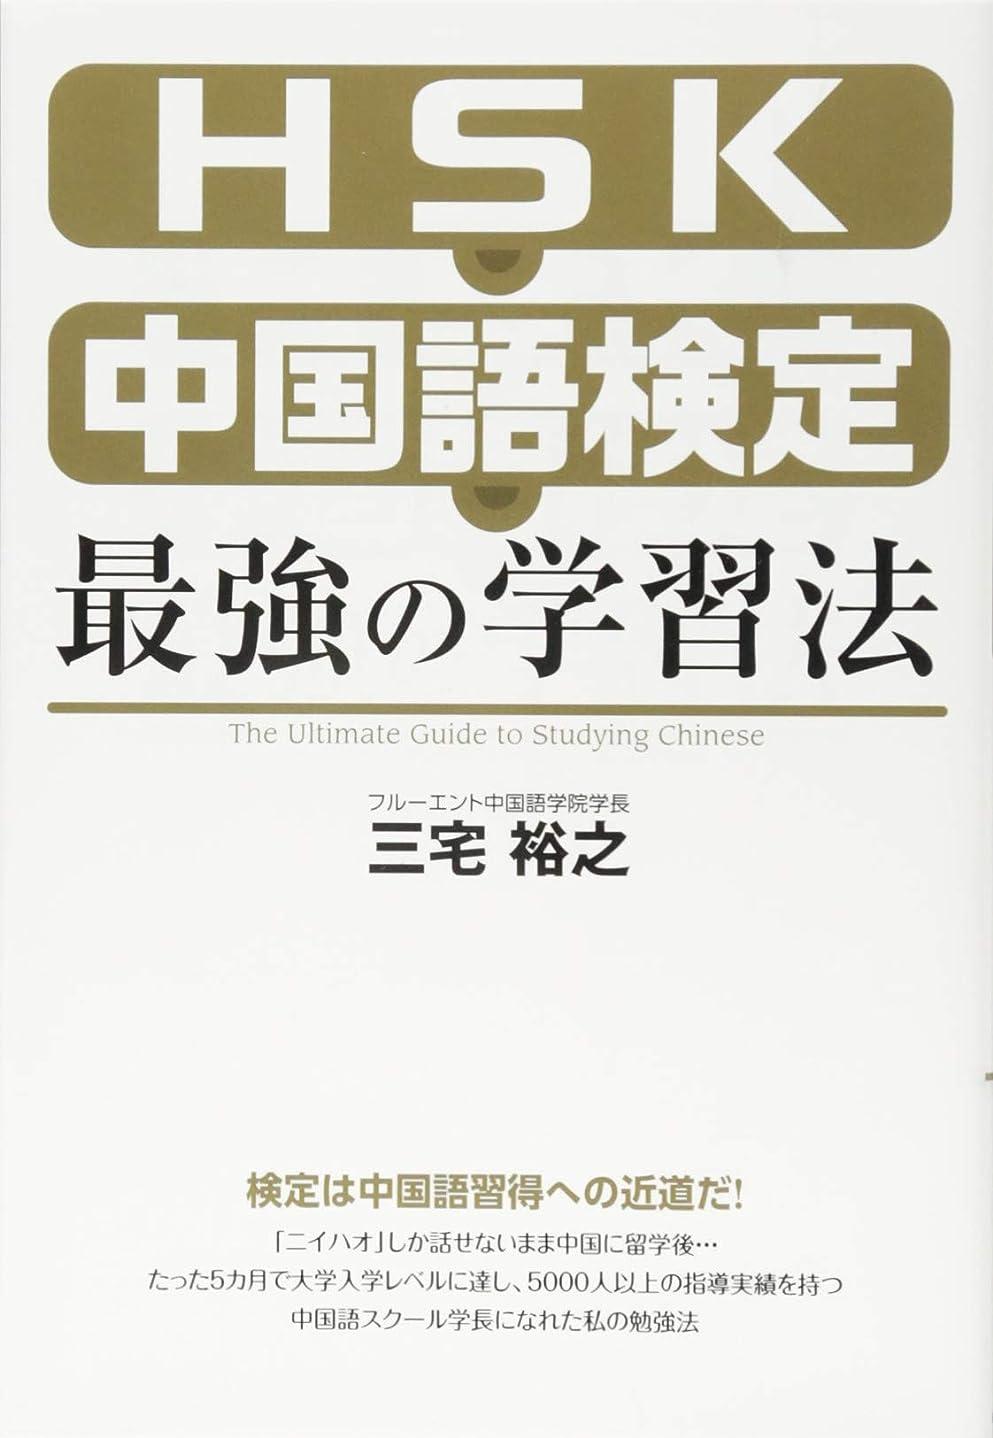 悪い抜本的なダムHSK?中国語検定 最強の学習法